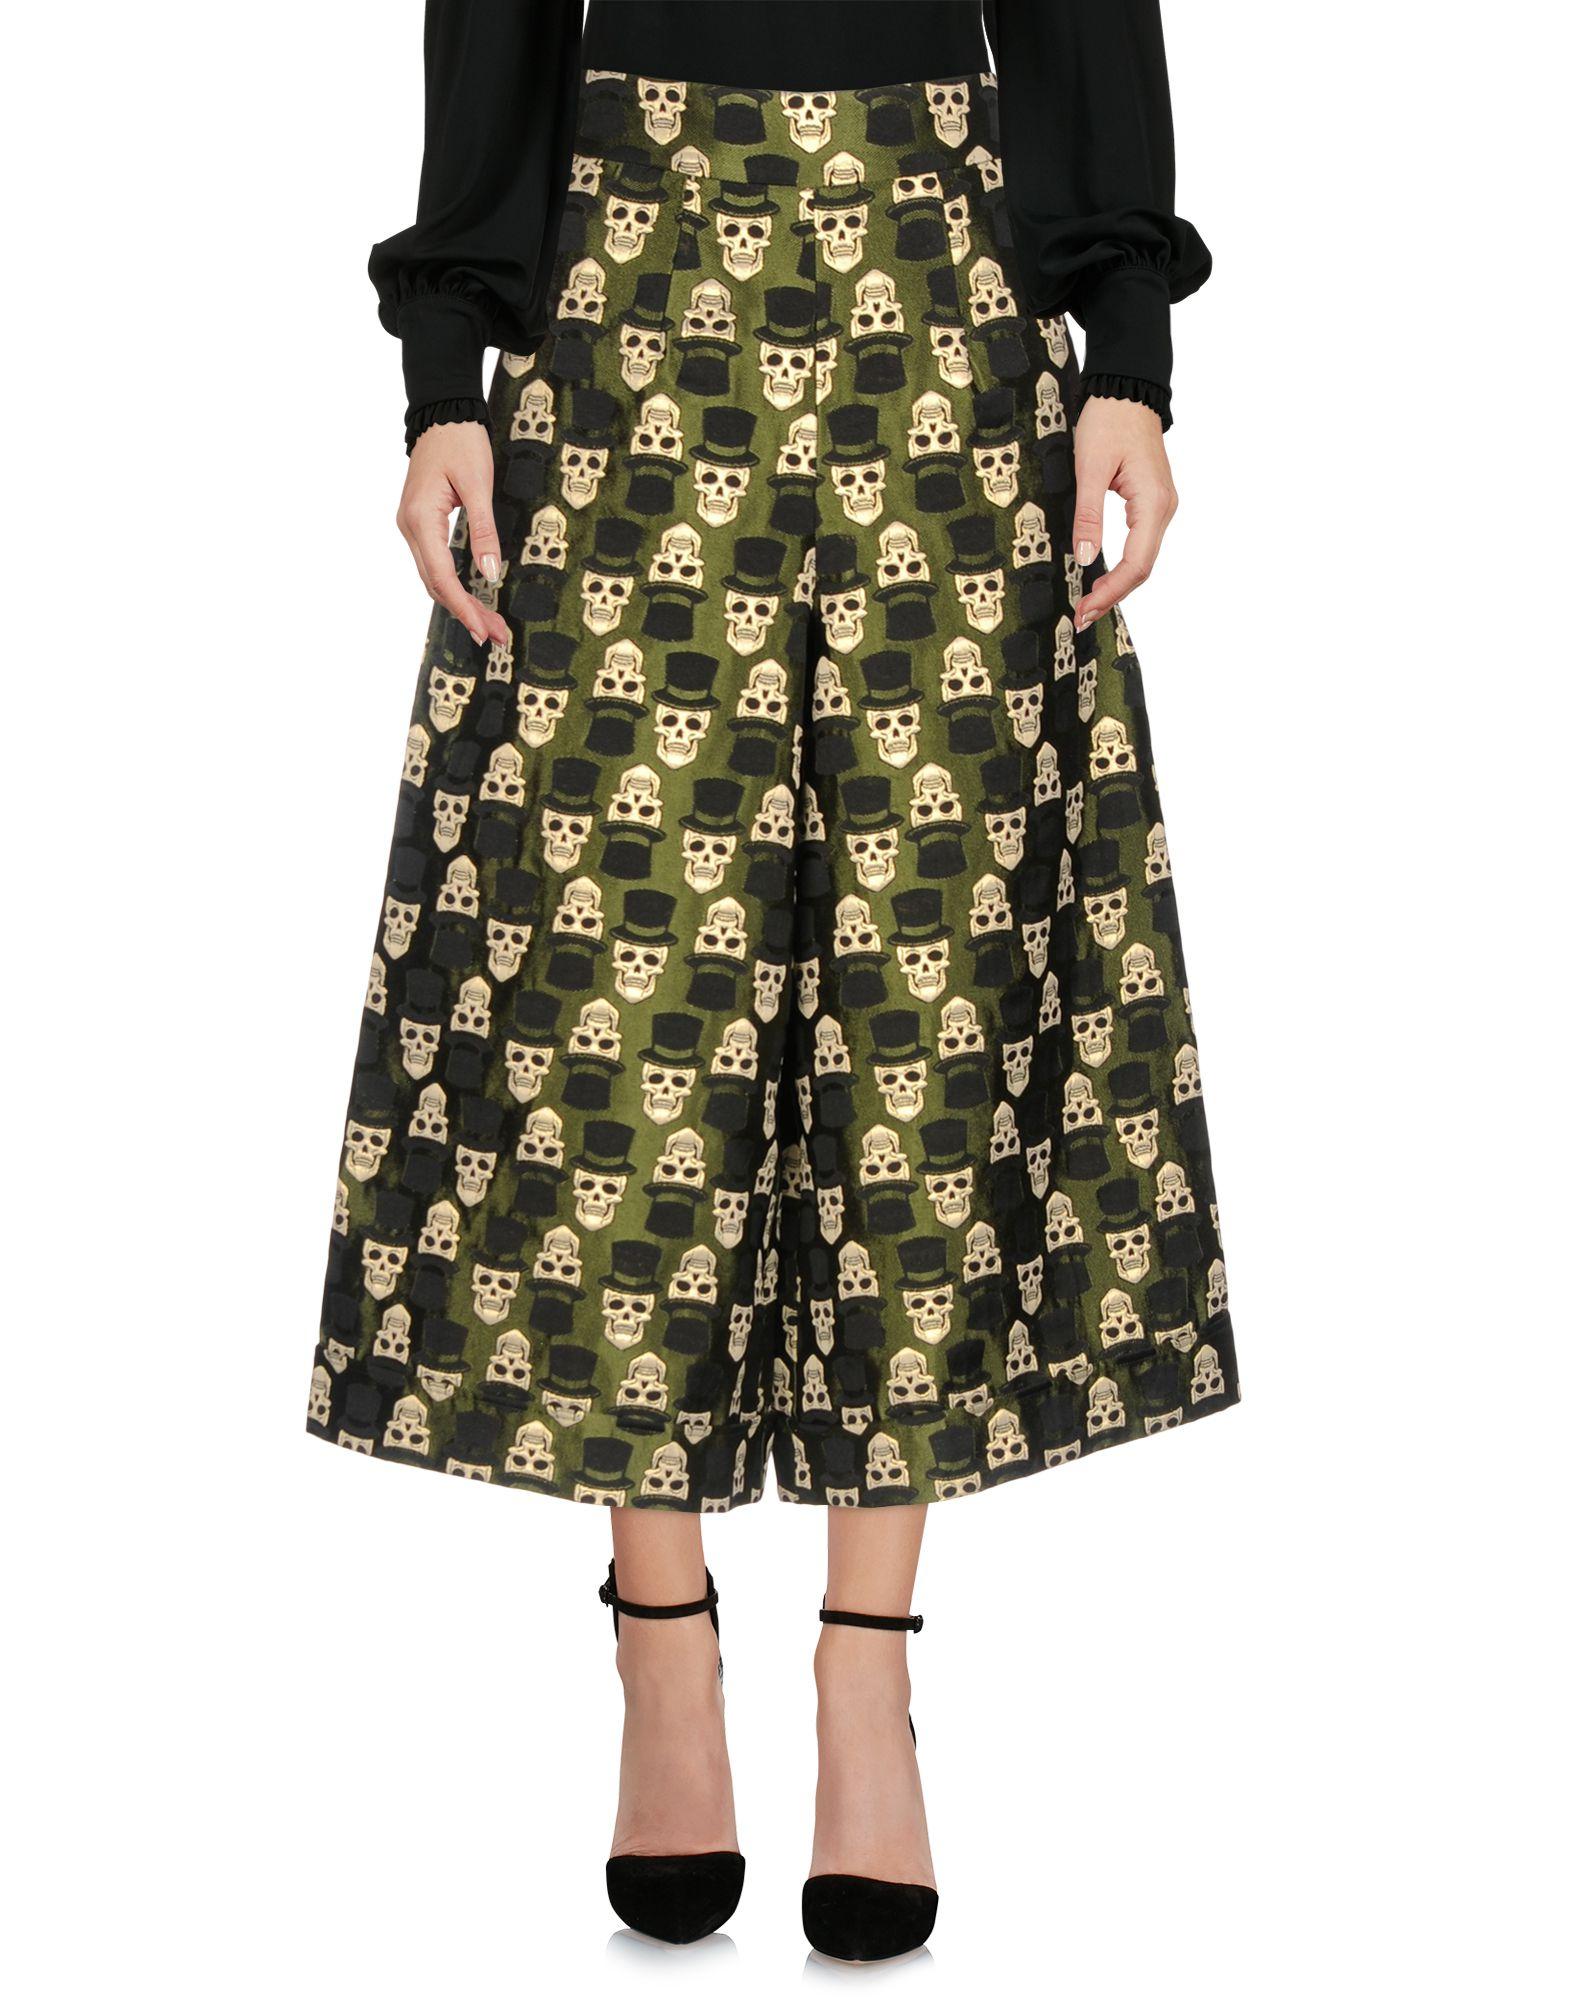 Pantalone Palazzo Ultra'chic Donna - Acquista online su 2uAZt